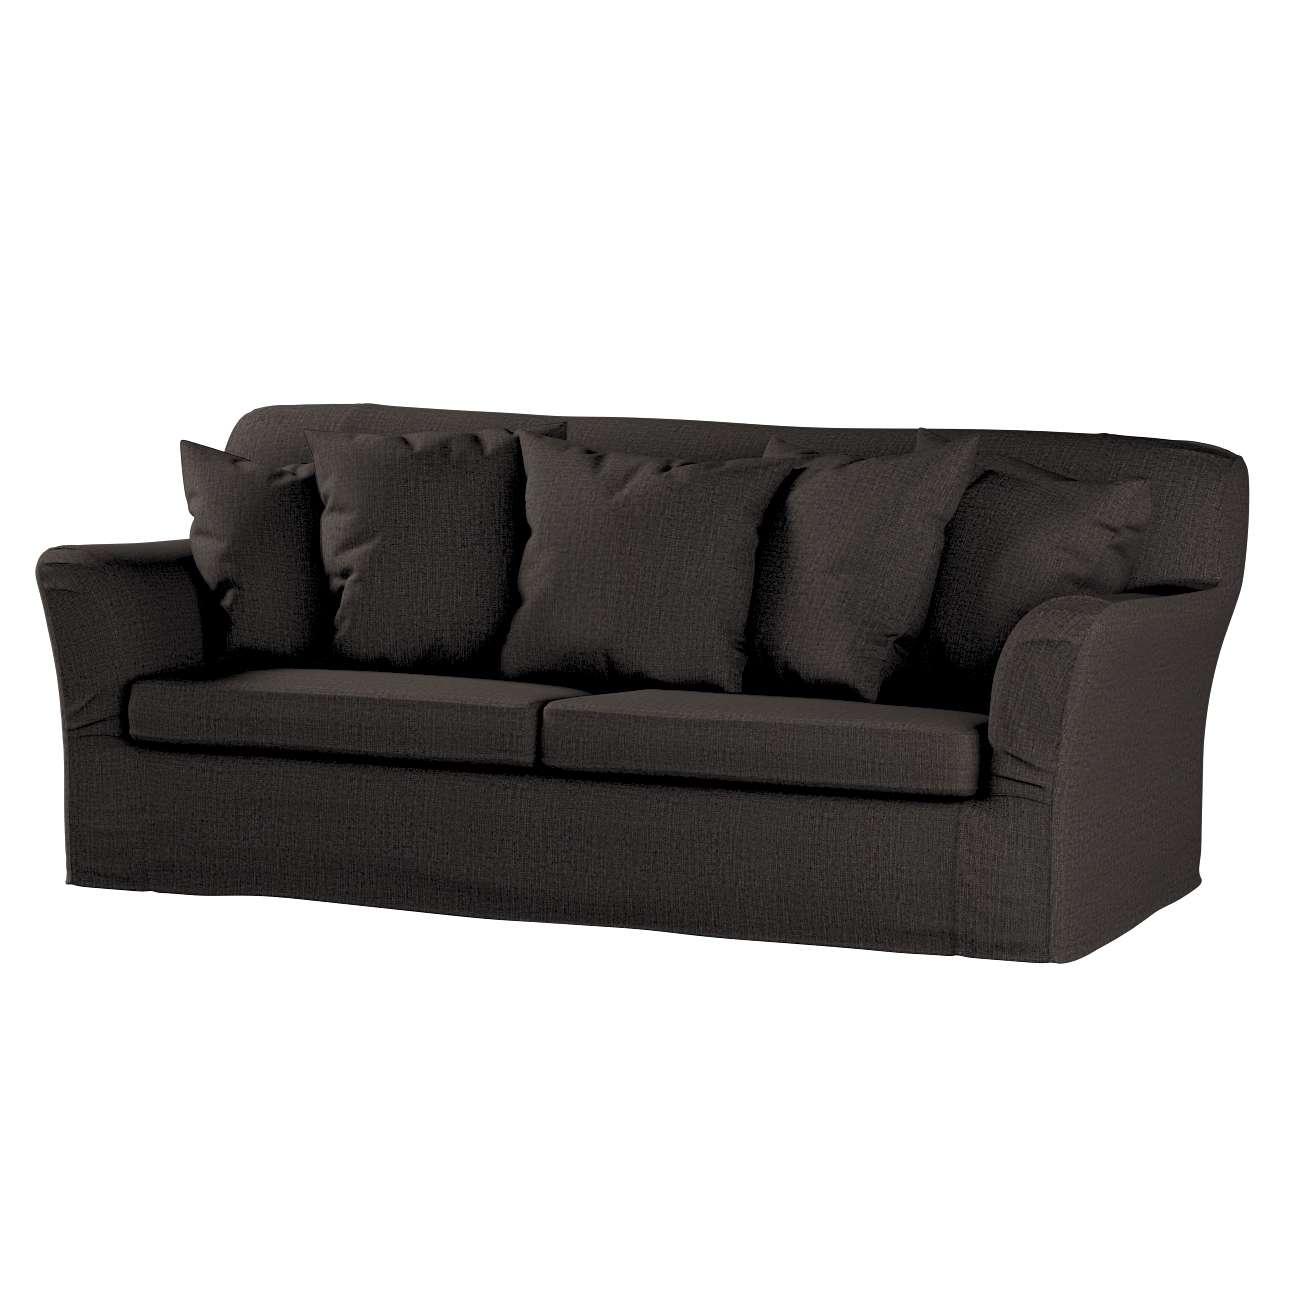 Pokrowiec na sofę Tomelilla rozkładaną Sofa Tomelilla rozkładana w kolekcji Vintage, tkanina: 702-36